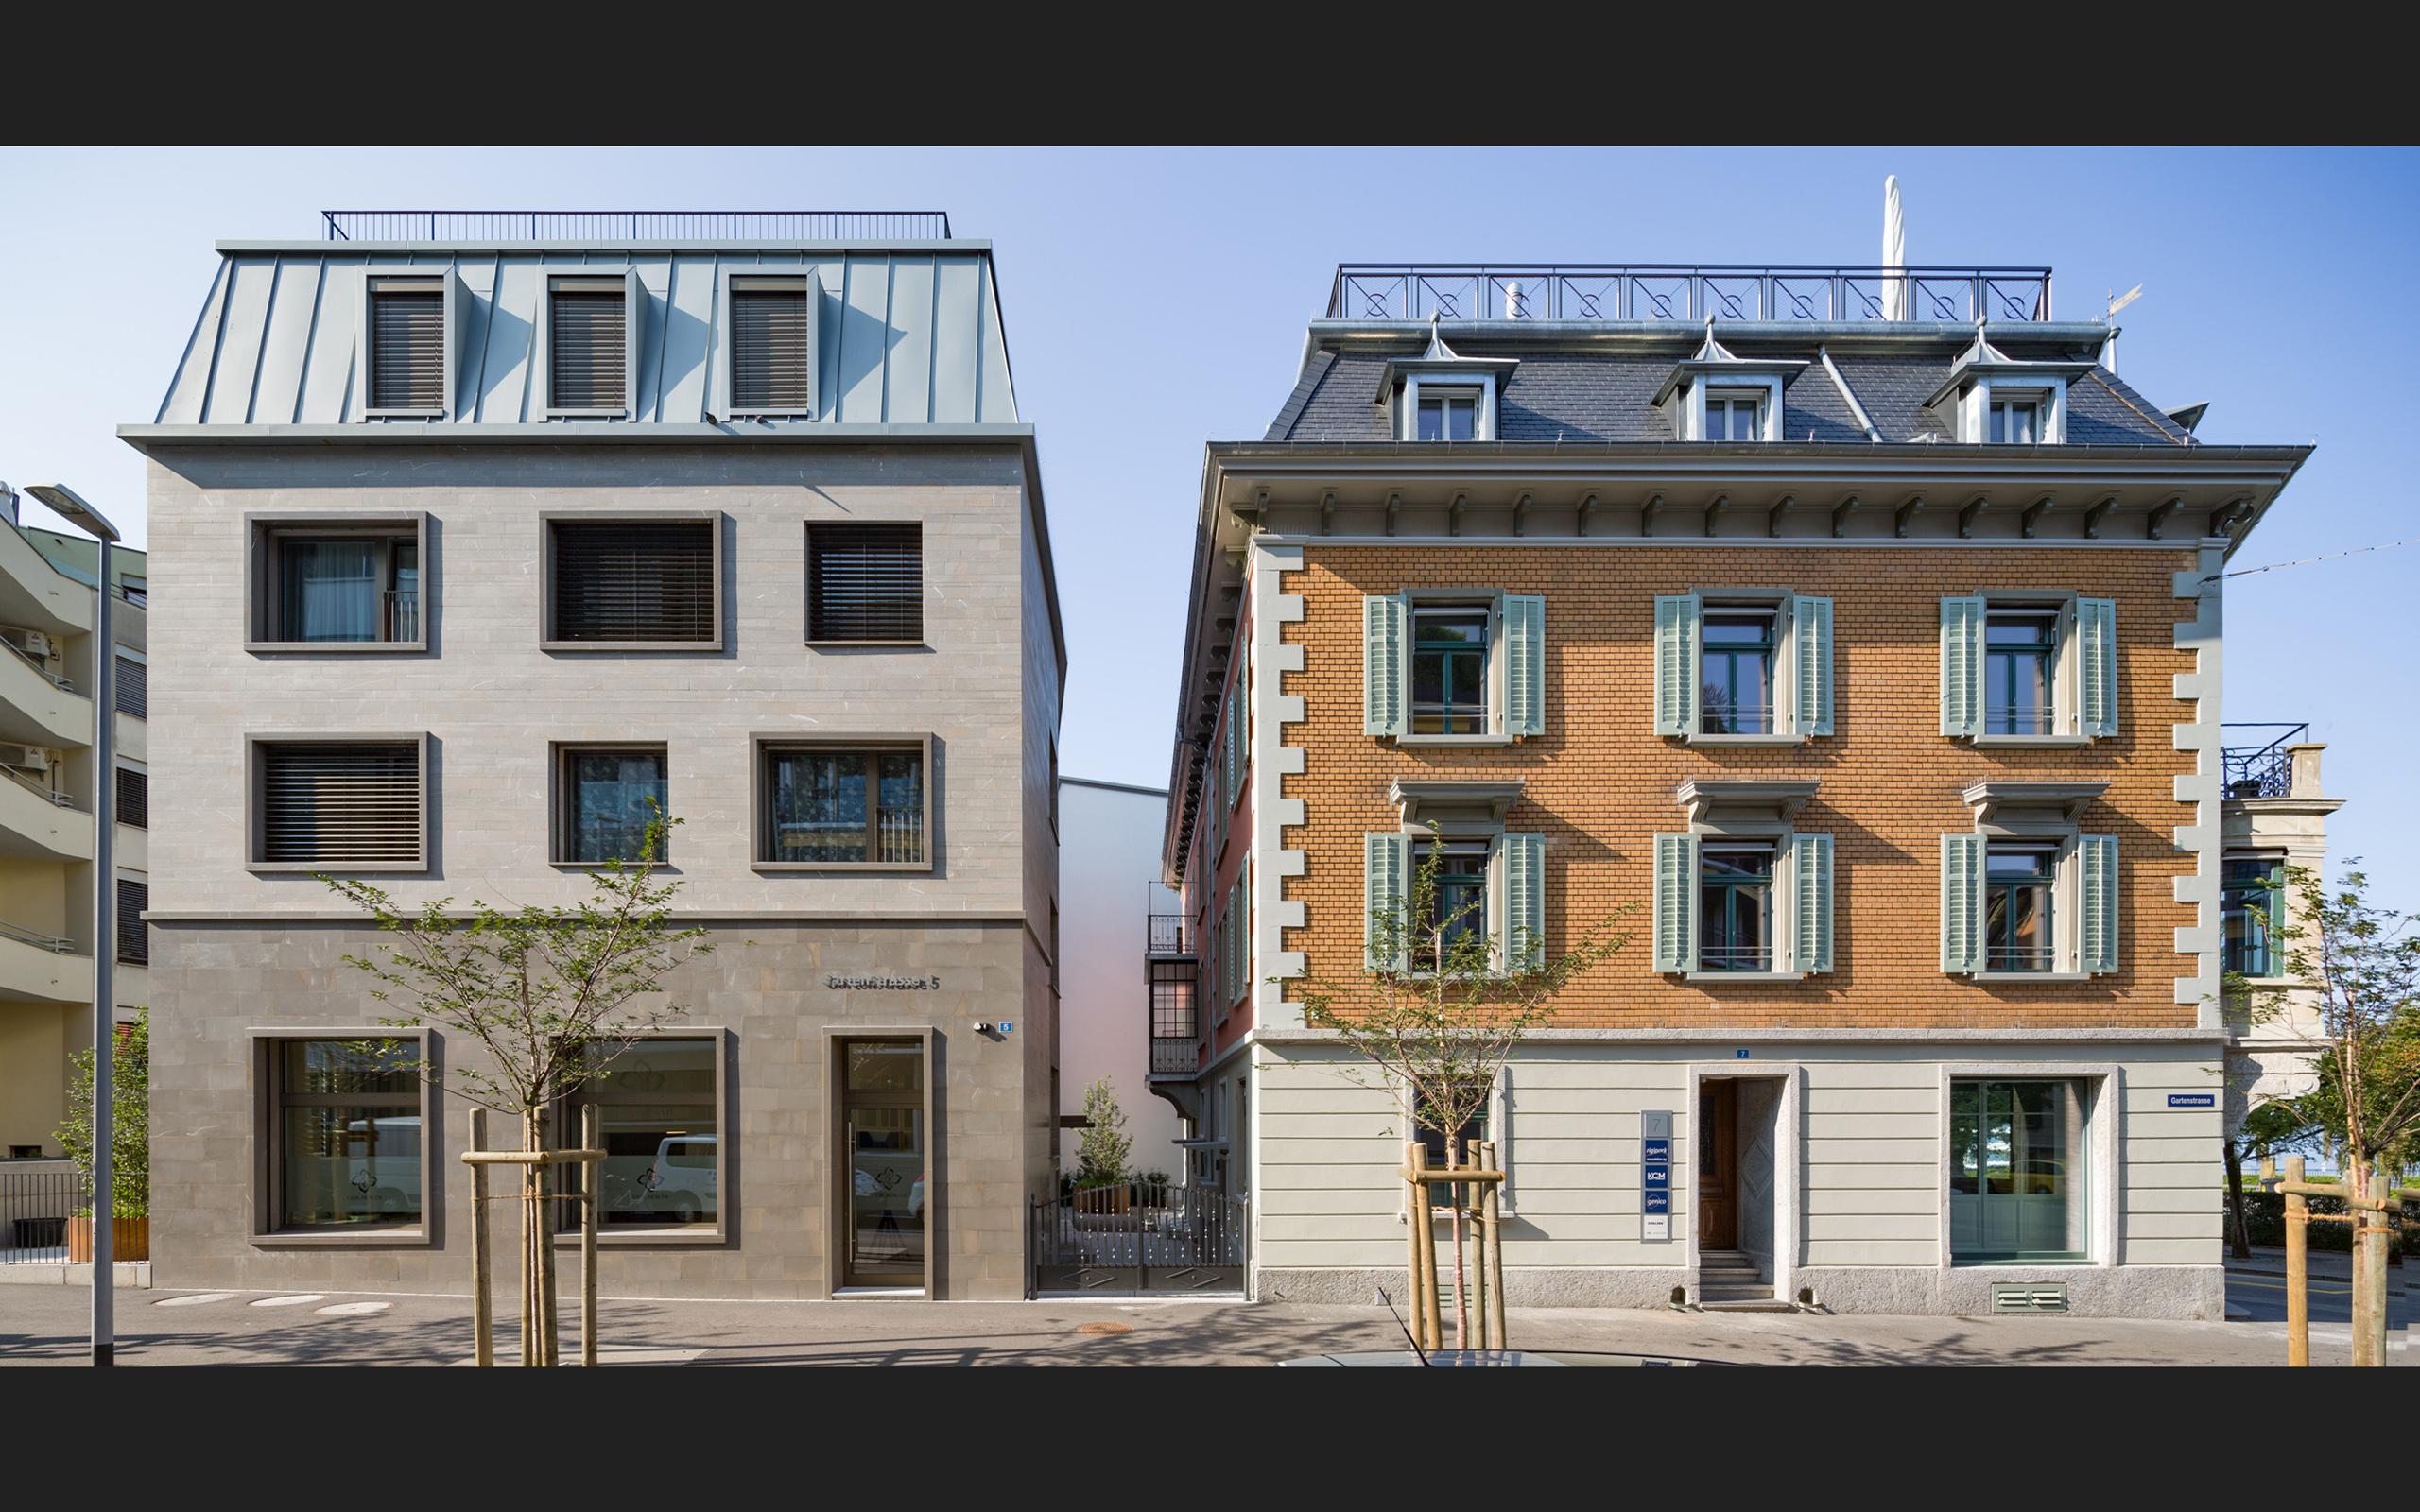 Architektur S+K Schenk, Zug